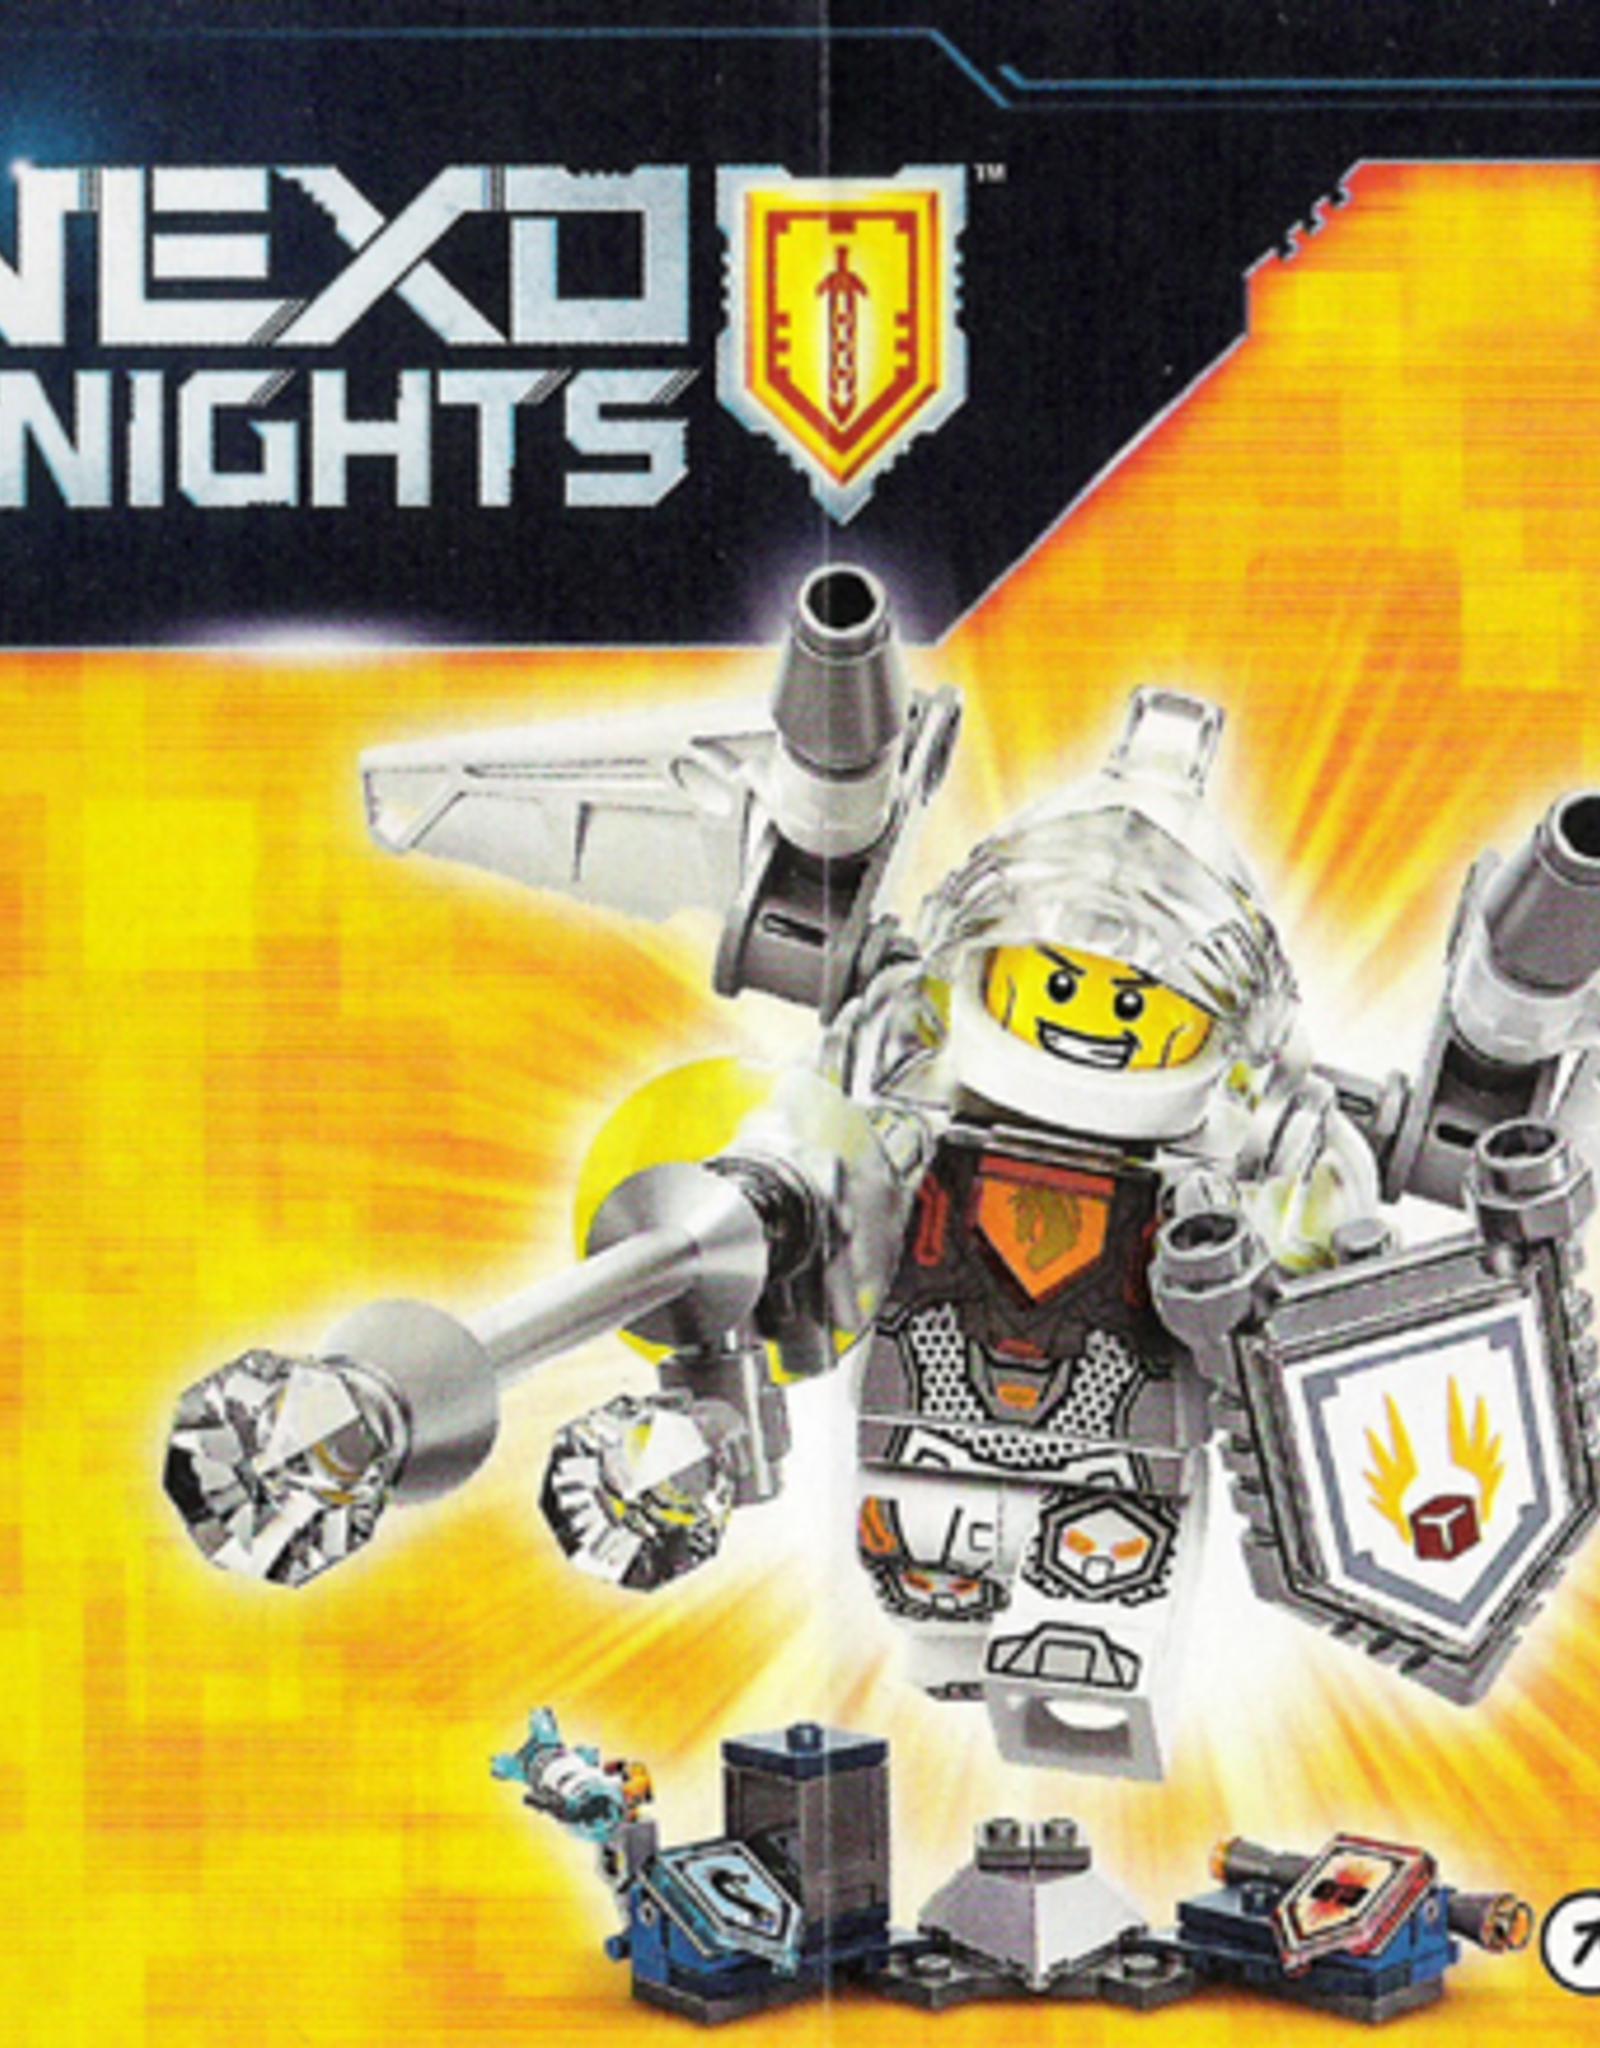 LEGO LEGO 70337 Ultimate Lance NEXO KNIGHTS